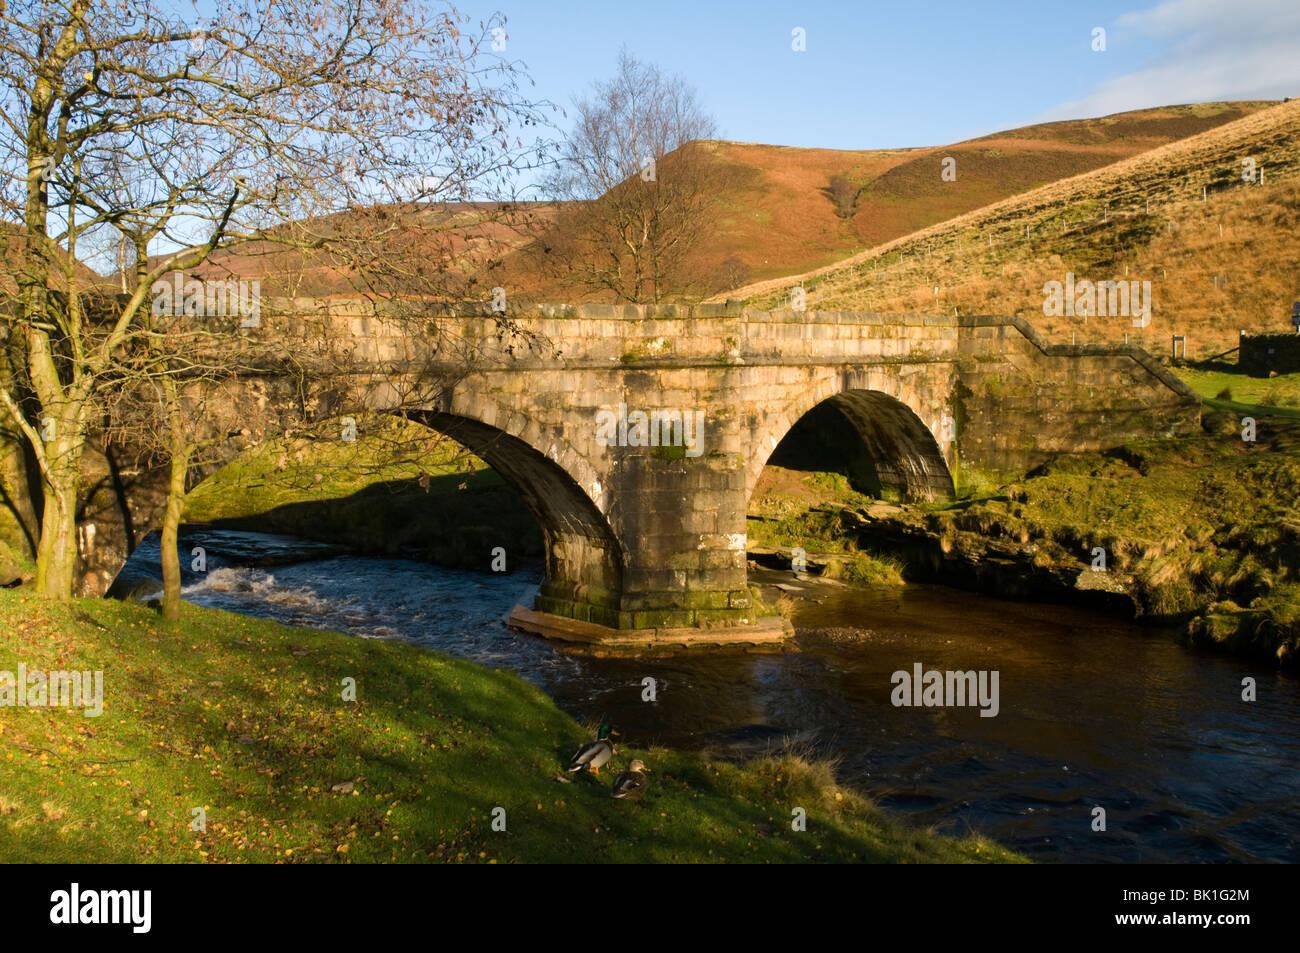 Slippery Stones bridge, a 17th century packhorse bridge, over the River Derwent, Upper Derwent Valley, Derbyshire, - Stock Image